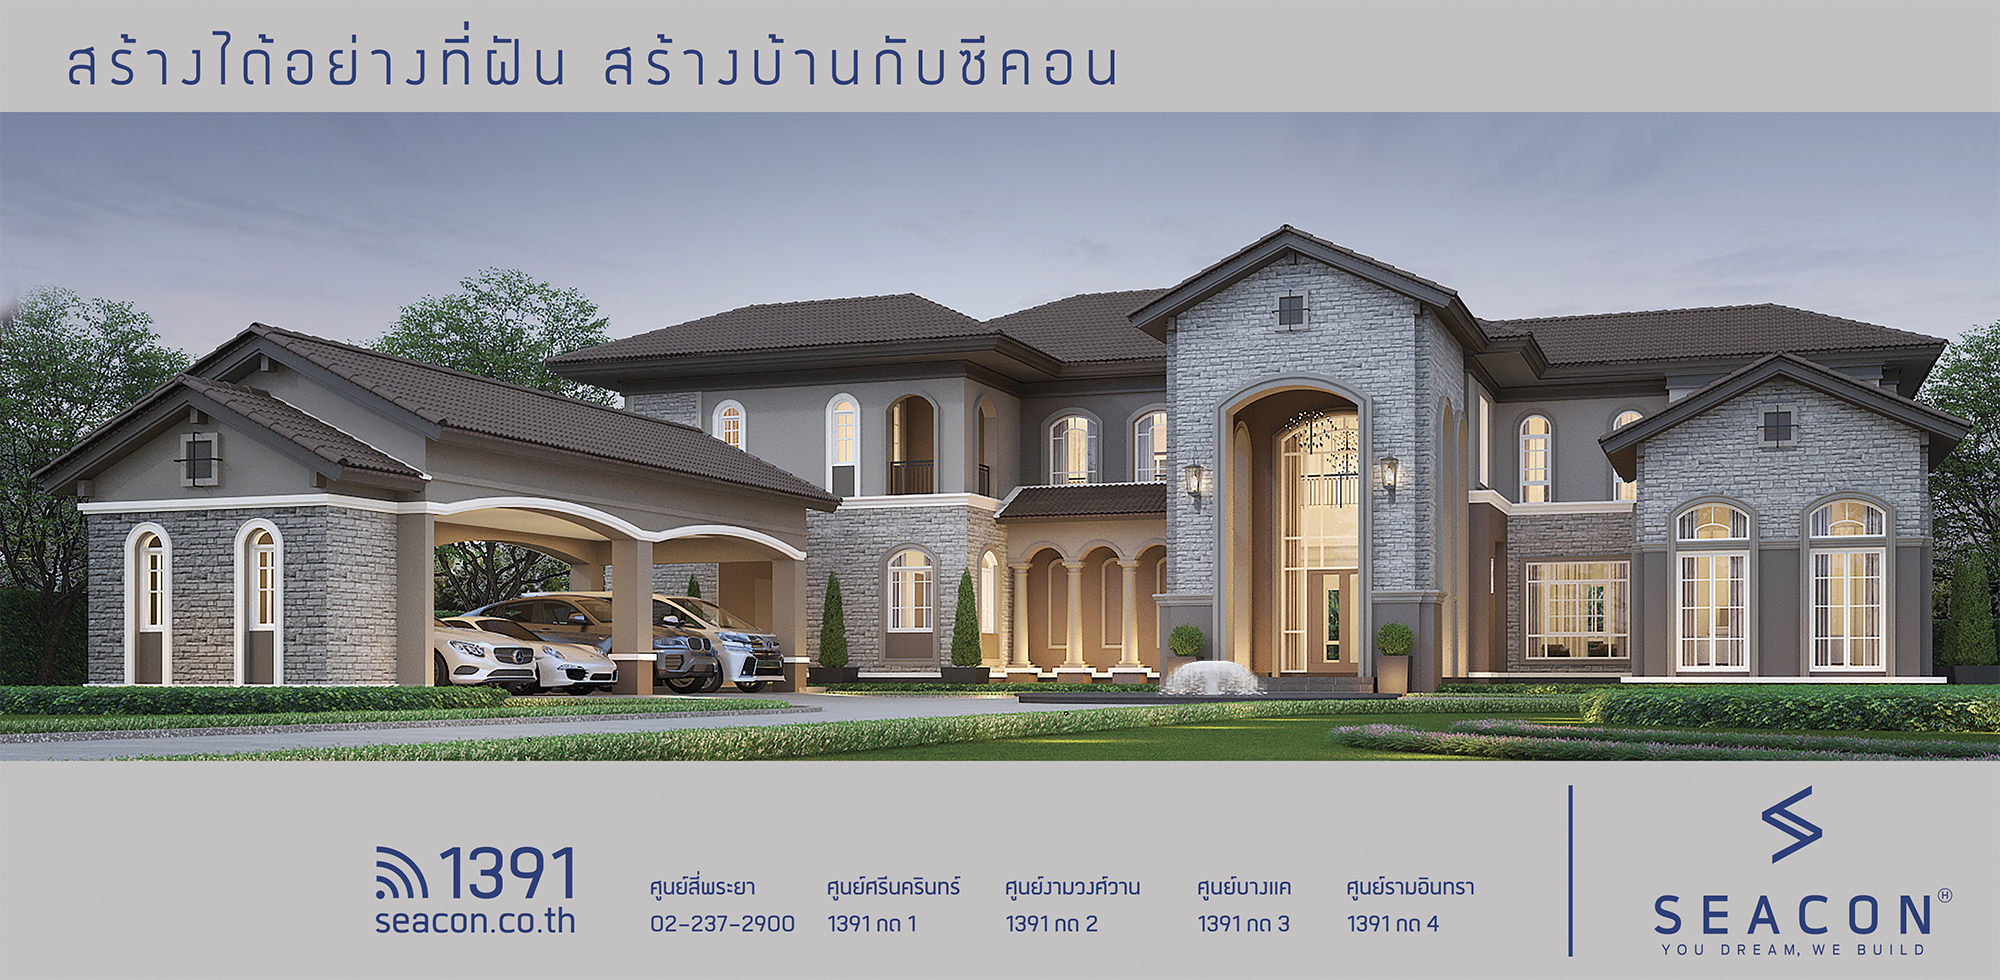 บริษัทรับสร้างบ้าน รับสร้างบ้าน สร้างบ้าน สมาคมธุรกิจรับสร้างบ้าน